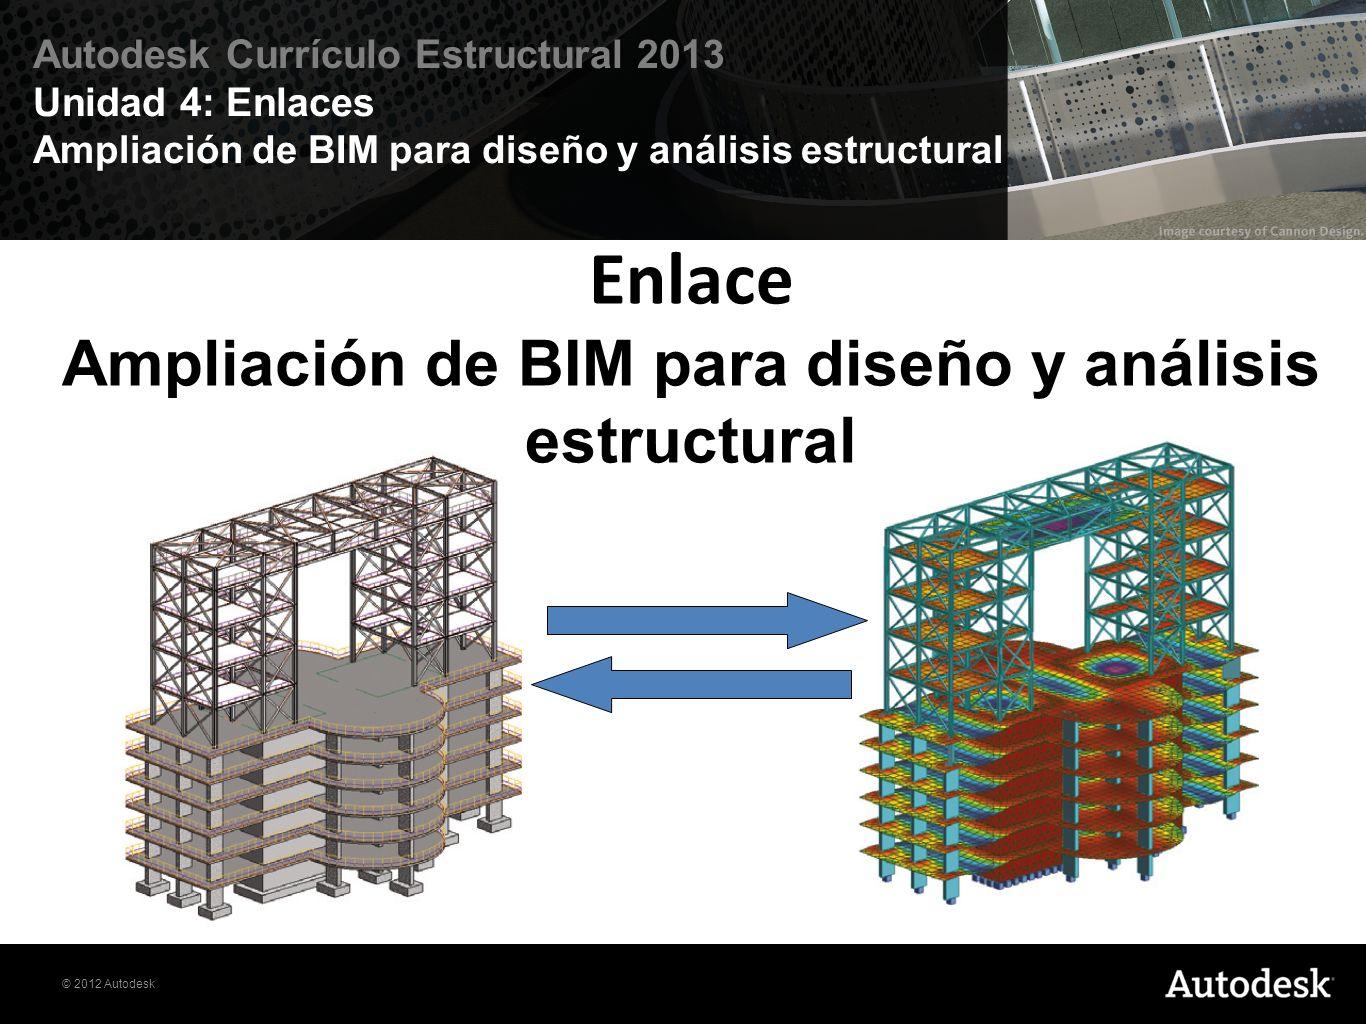 Enlace Ampliación de BIM para diseño y análisis estructural